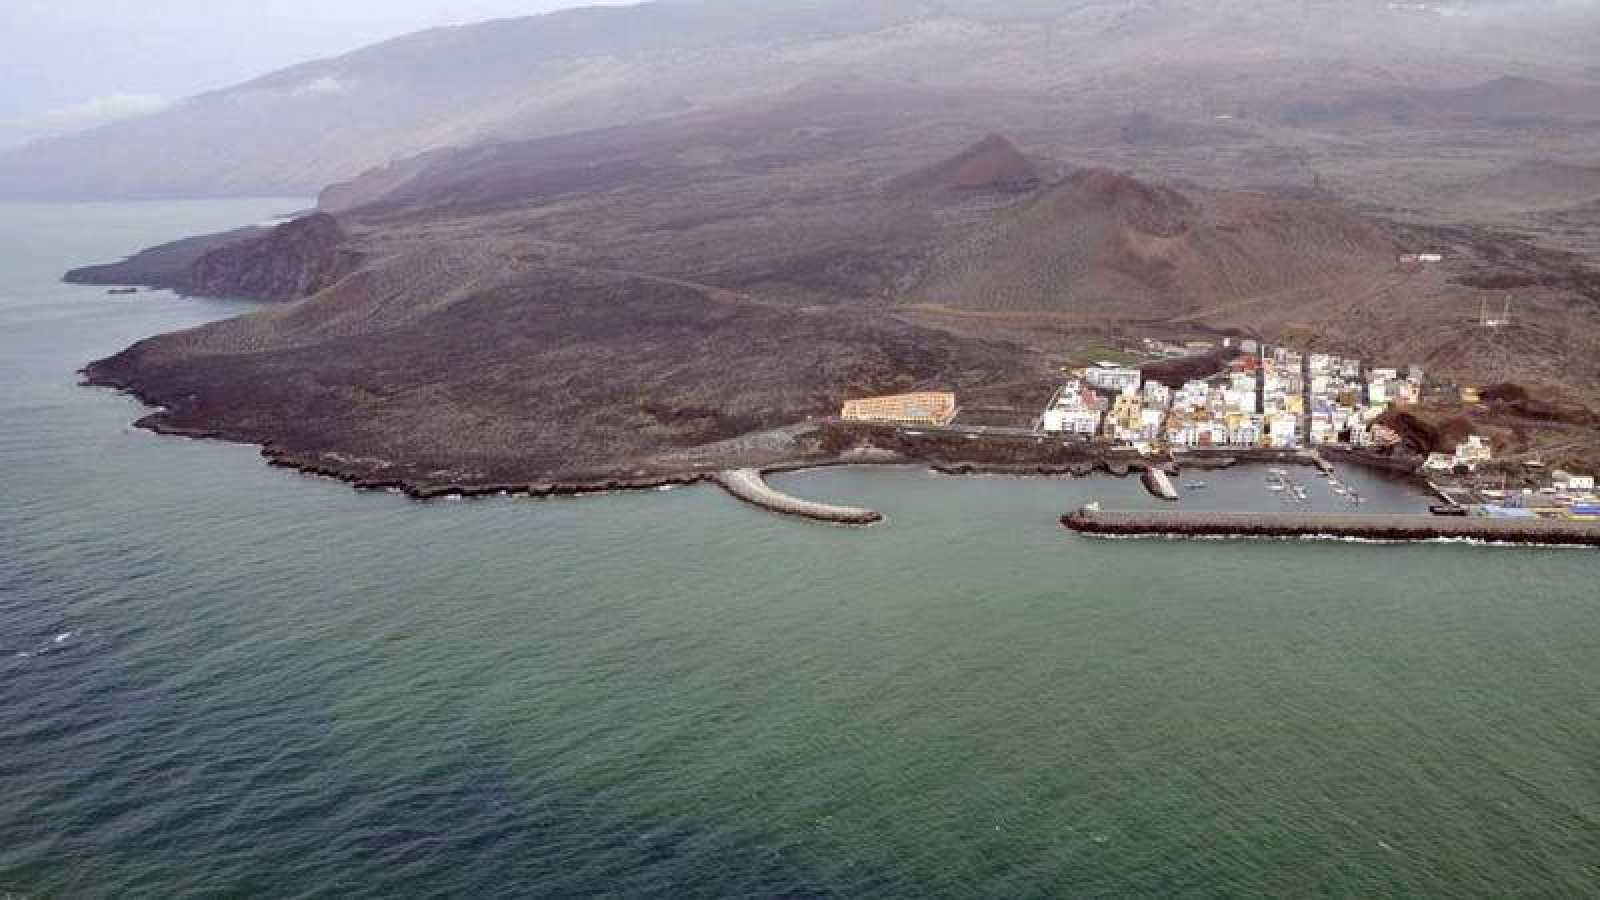 El Hierro es la más joven de las Islas Canarias y una de las más activas en términos geológicos.